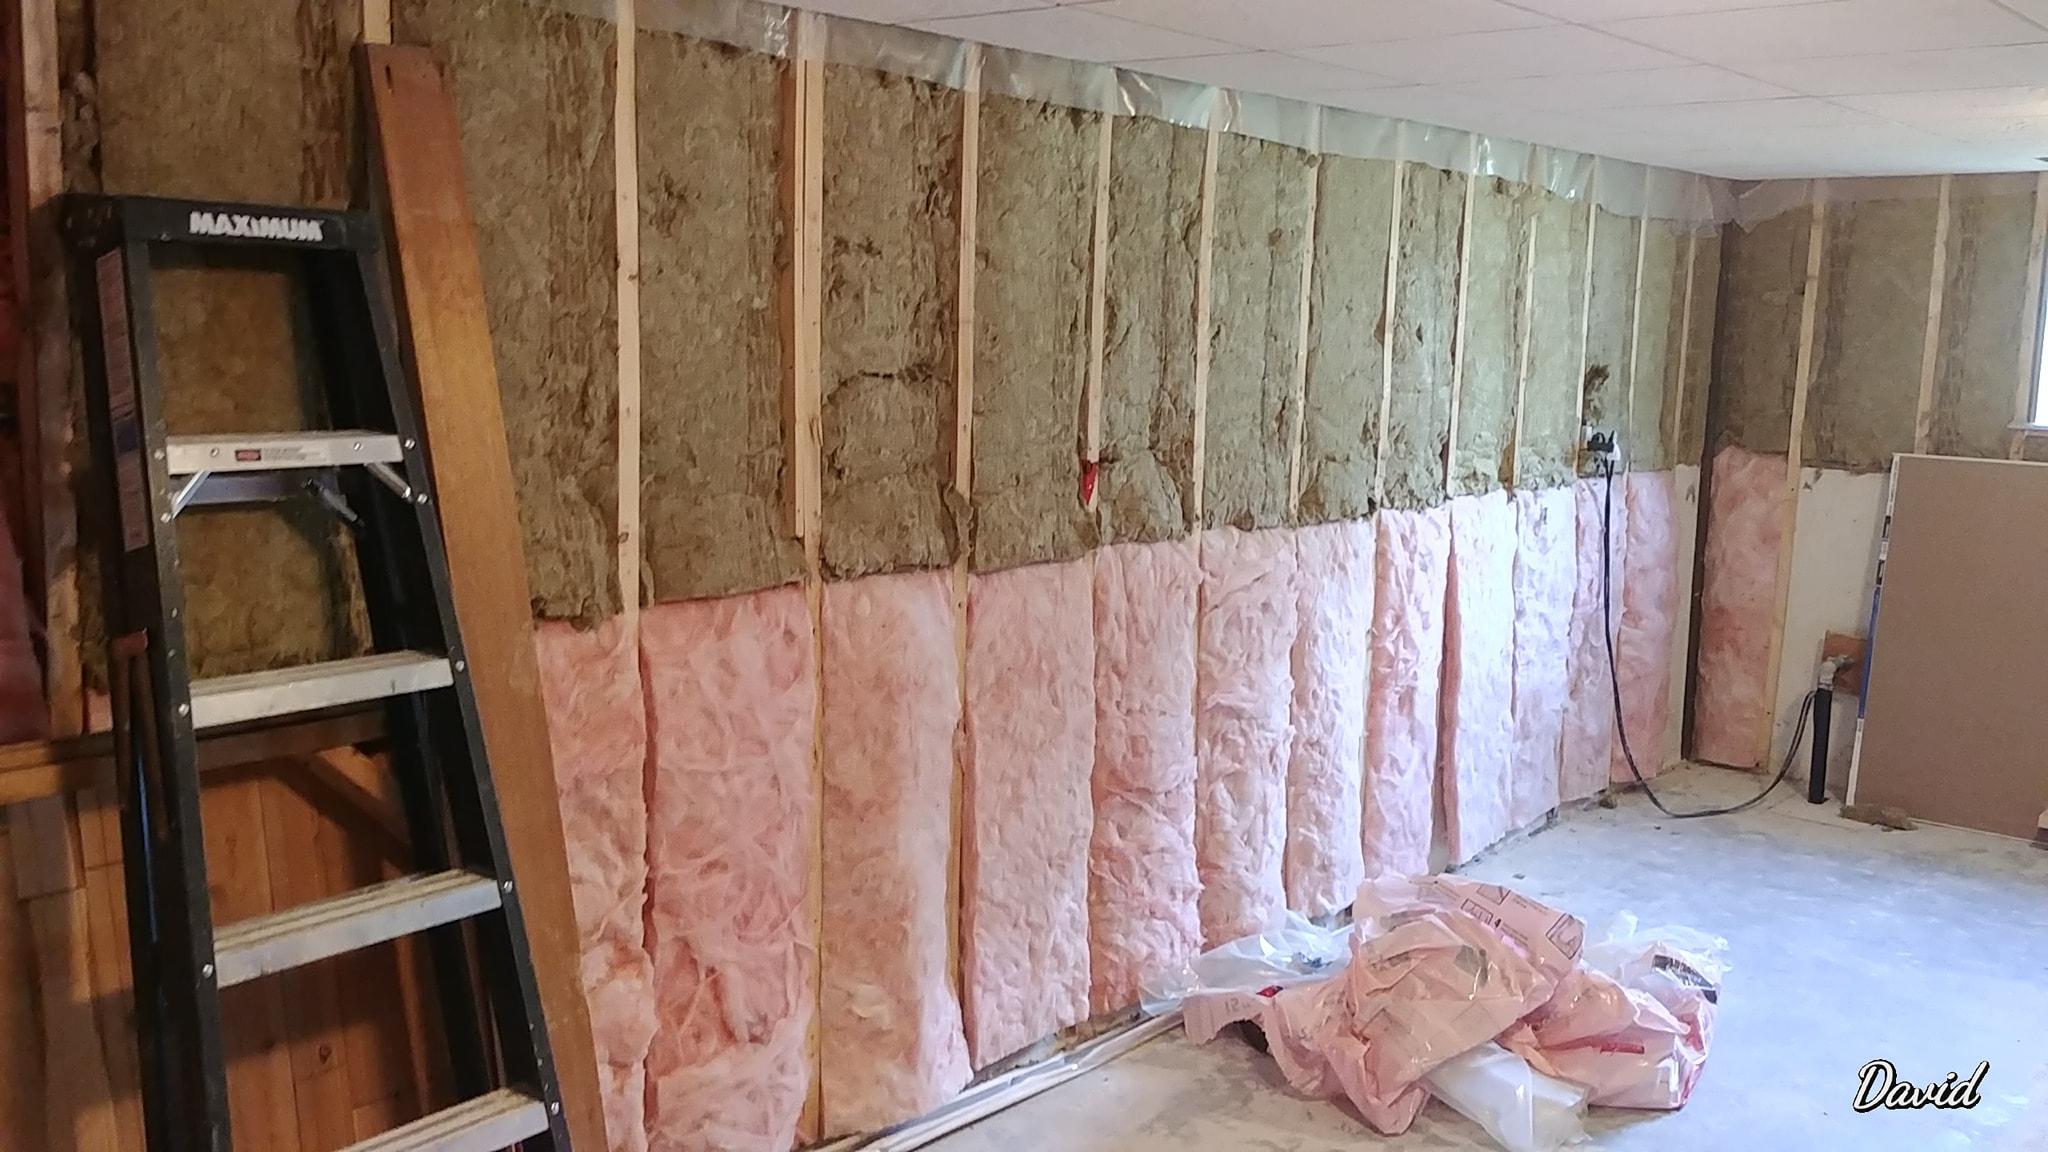 D&D Drywall & Renovations